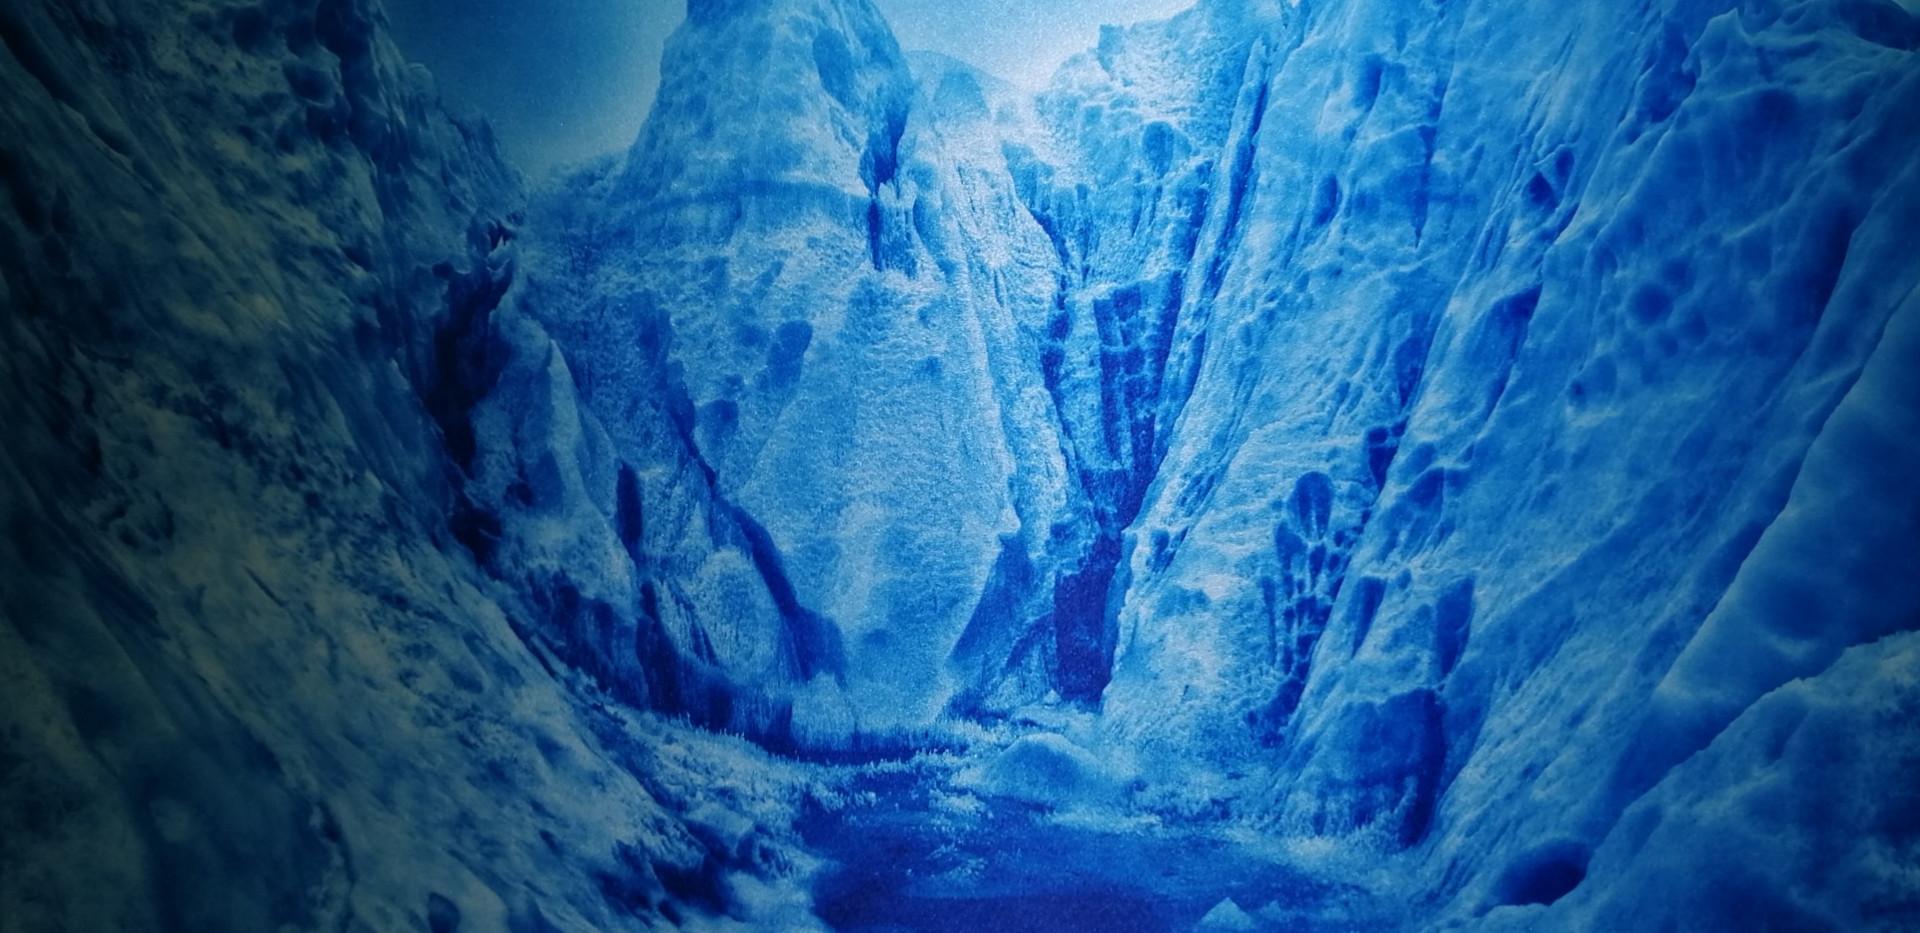 Analoge Fotografie auf Seide gedruckt | Blaue Gletscher | 80x70cm gerahmt | Euro 1700,-